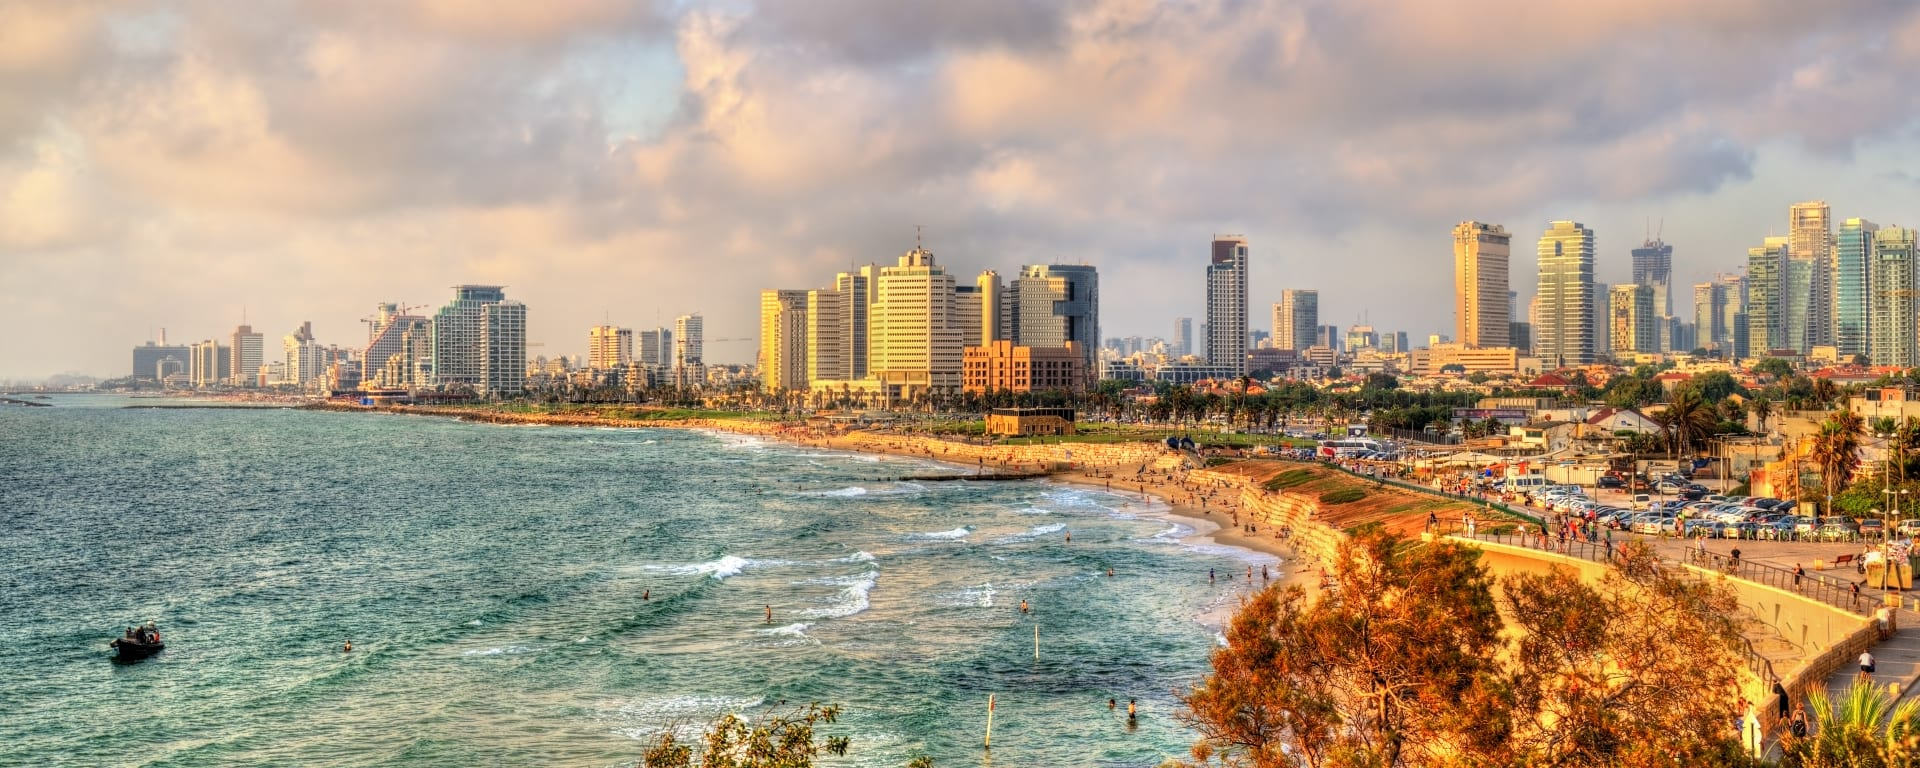 Israel entdecken mit Tischler Reisen: Israel Tel Aviv Stadtansicht